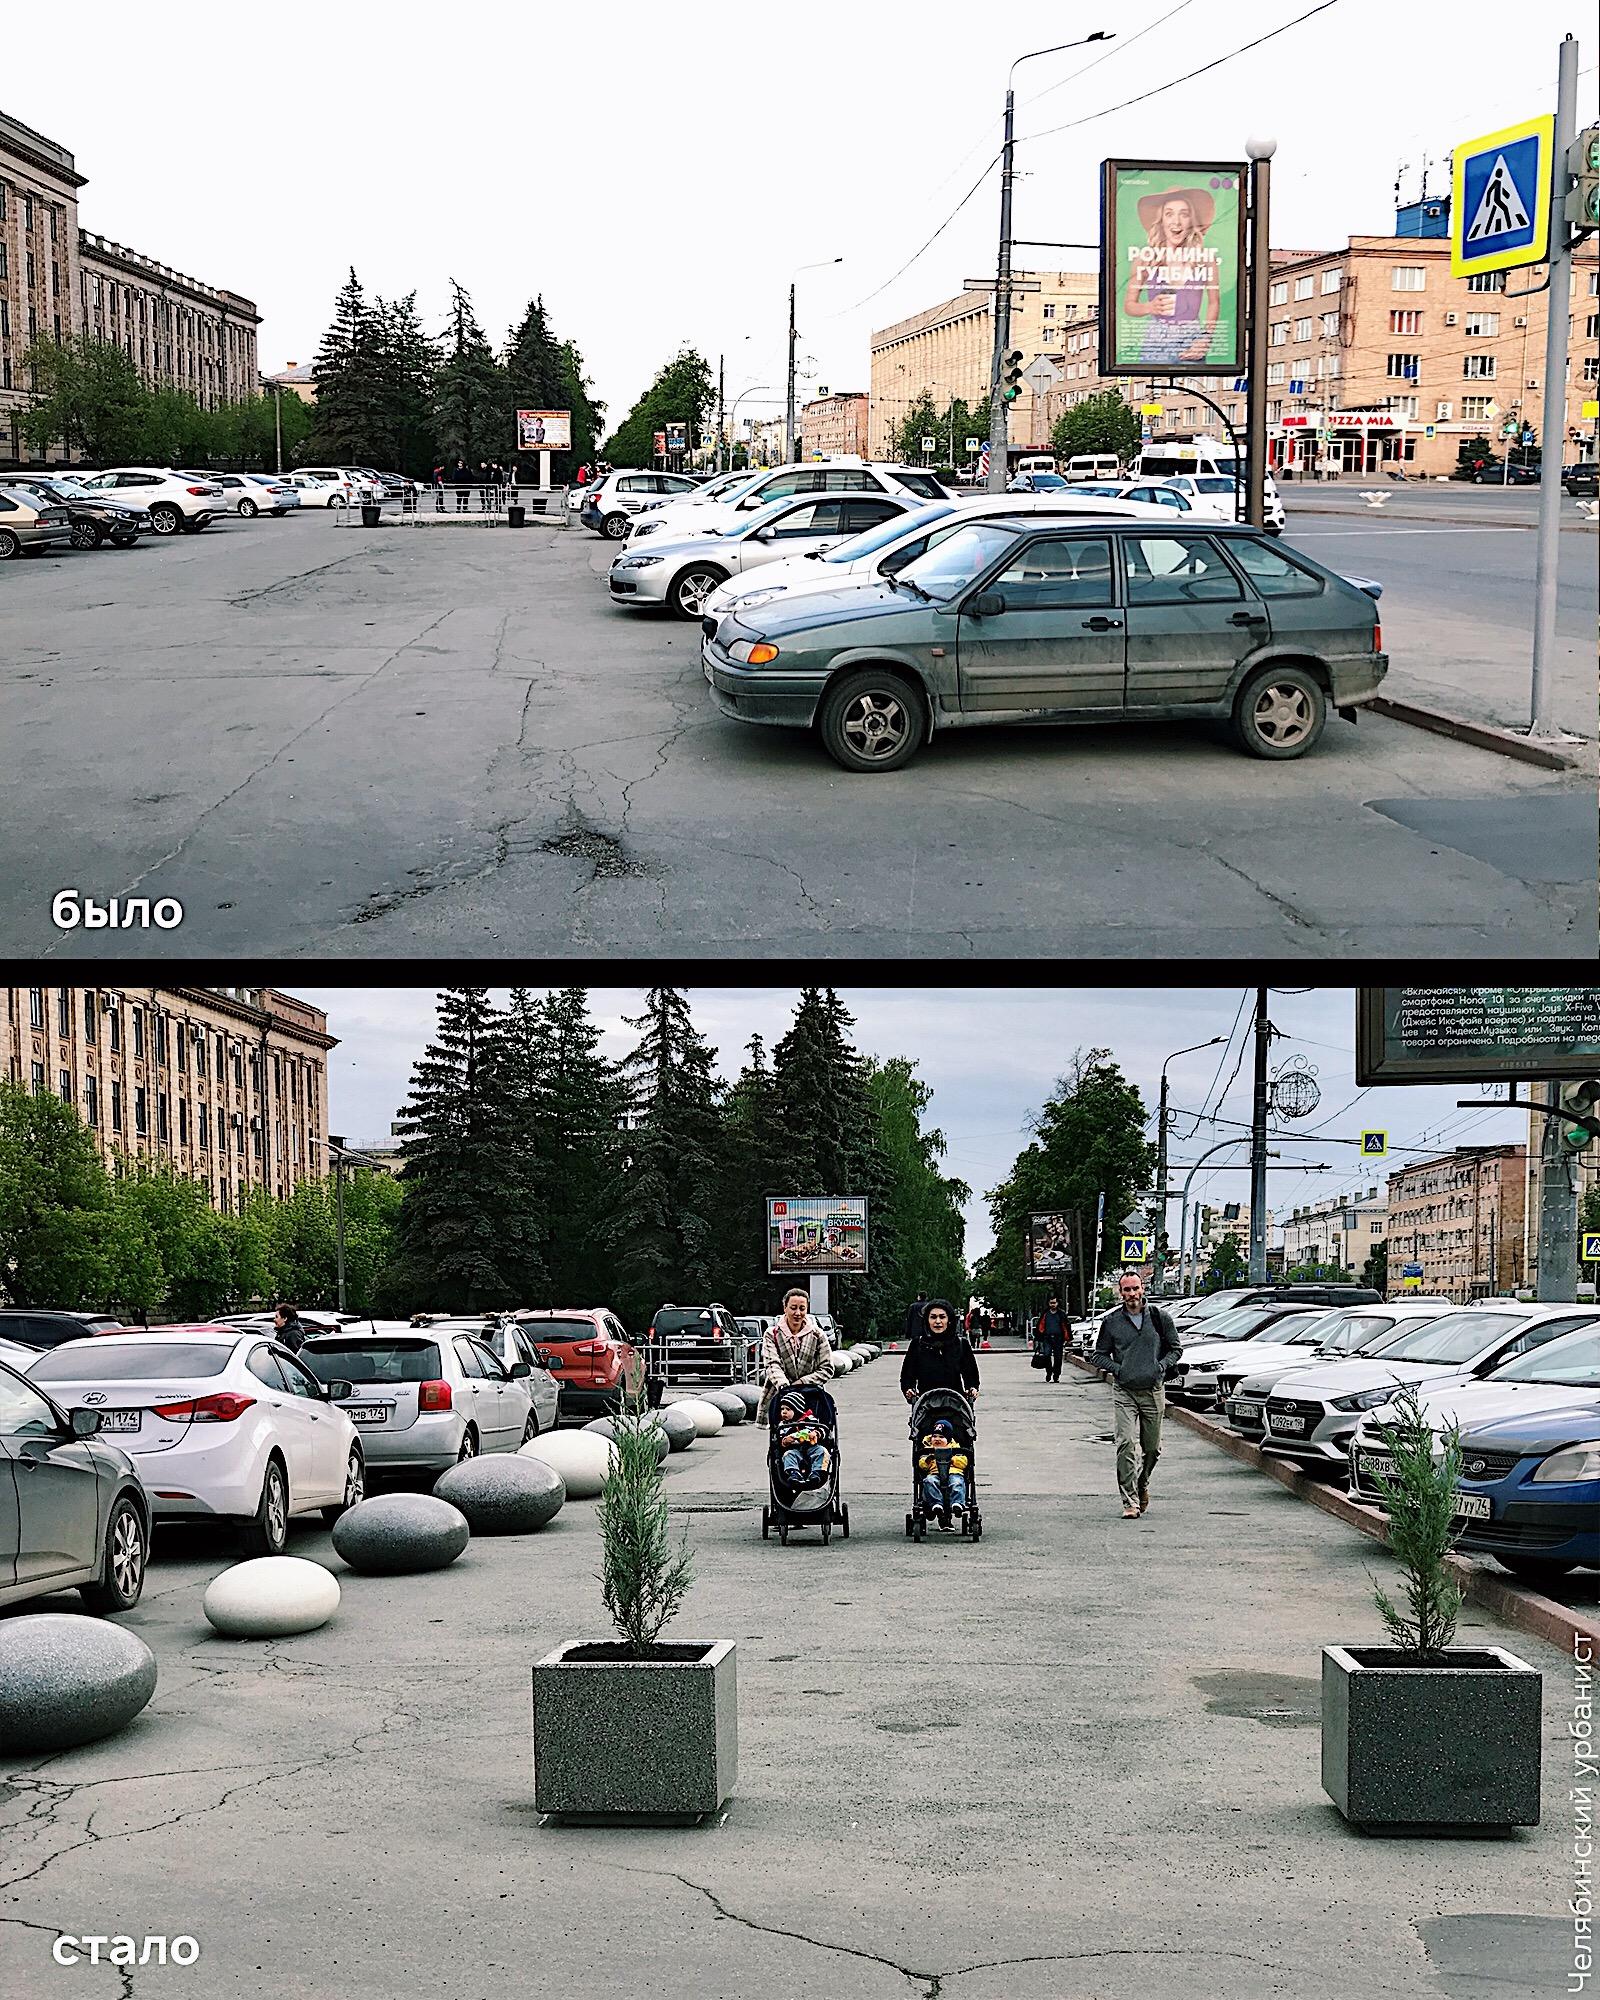 Фото:«Челябинский урбанист»